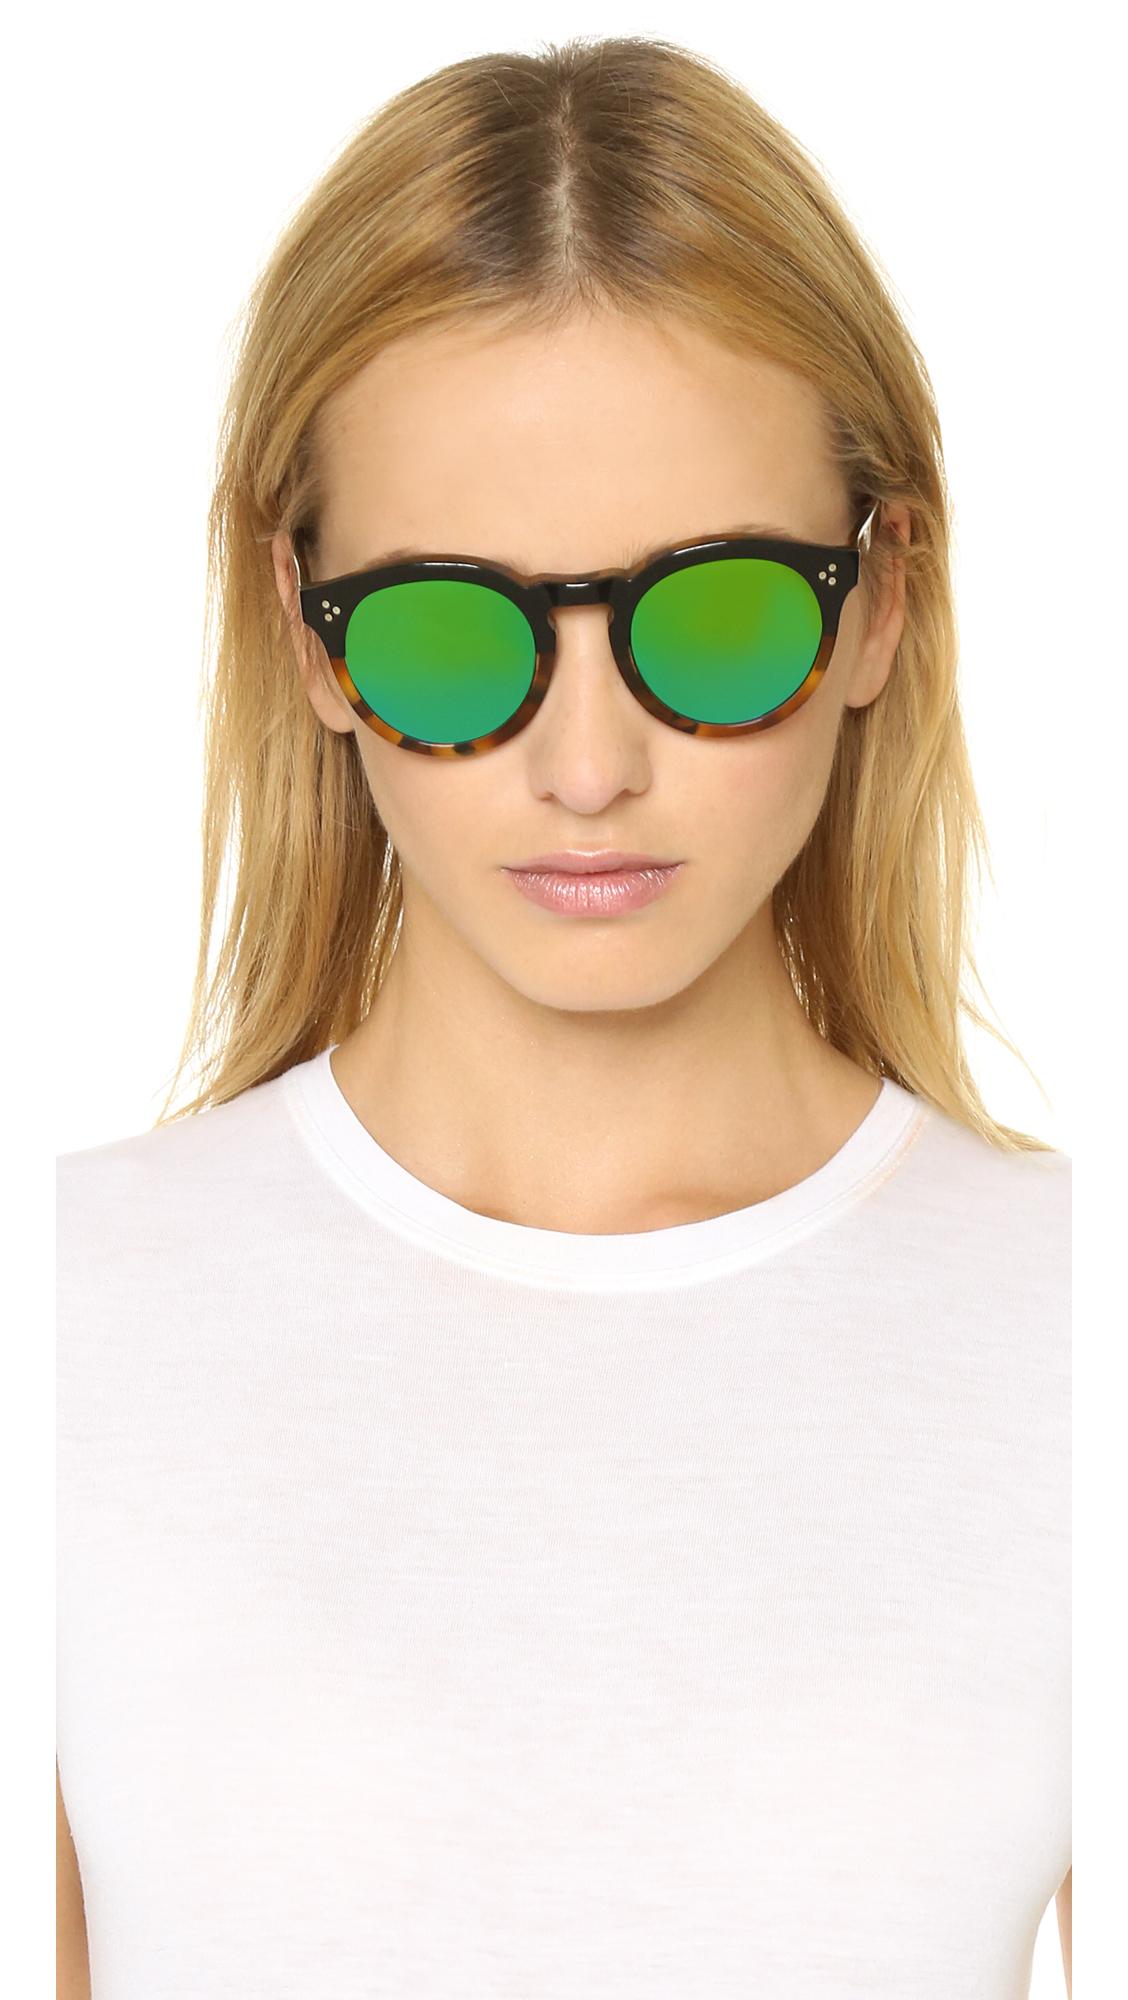 Illesteva Leonard Ii Half And Half Mirrored Sunglasses - Black Light Tortoise/green